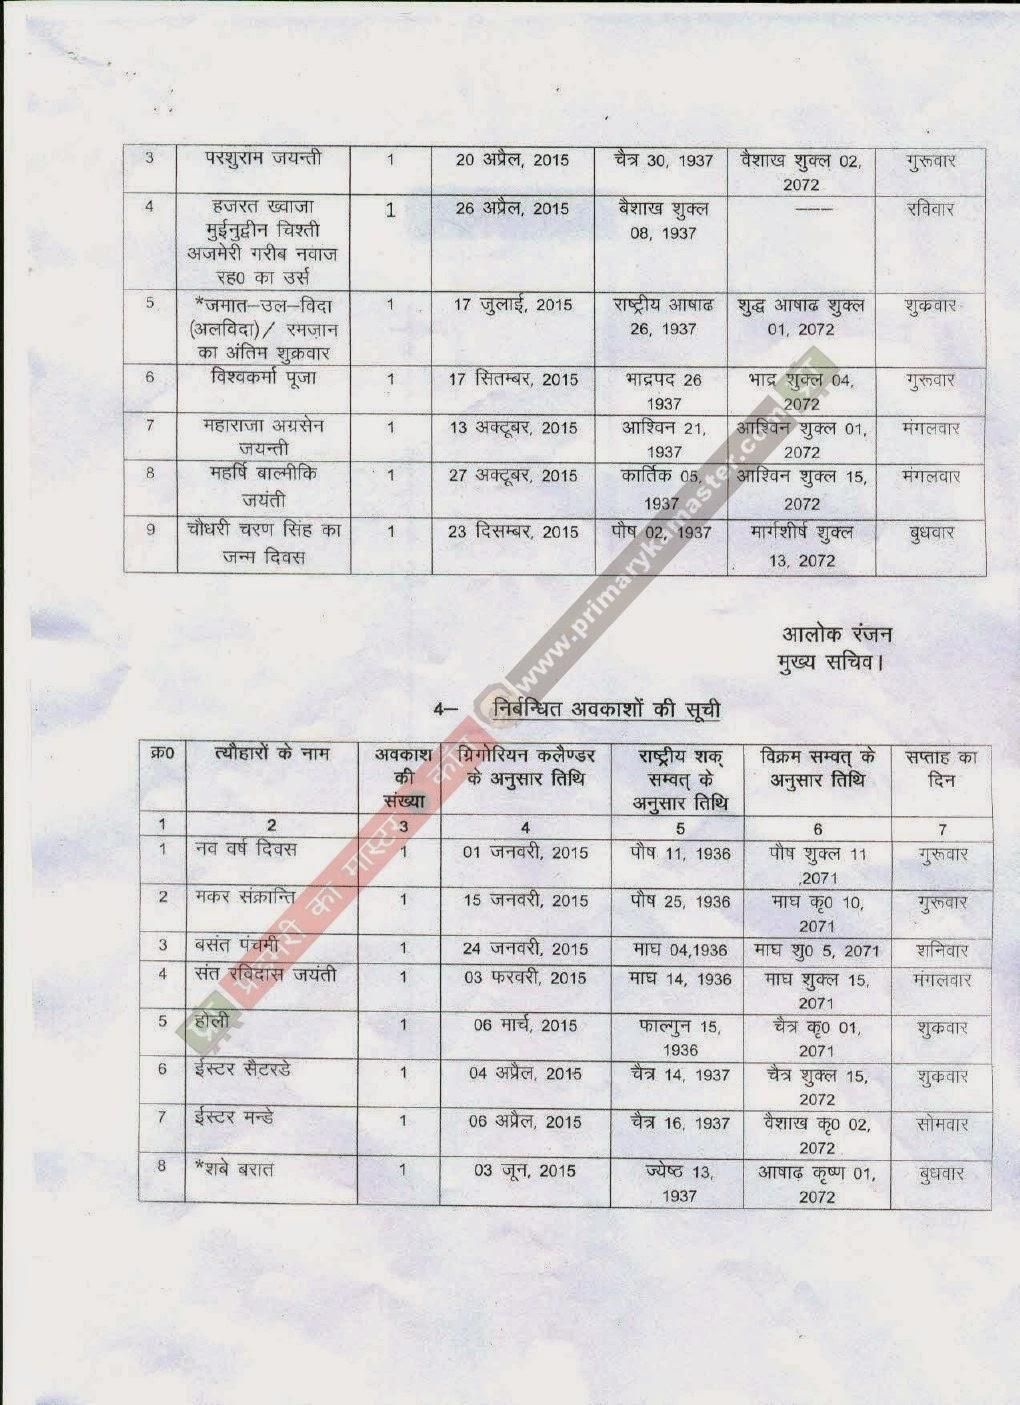 वर्ष 2015 में उत्तर प्रदेश शासन द्वारा घोषित अवकाशों की